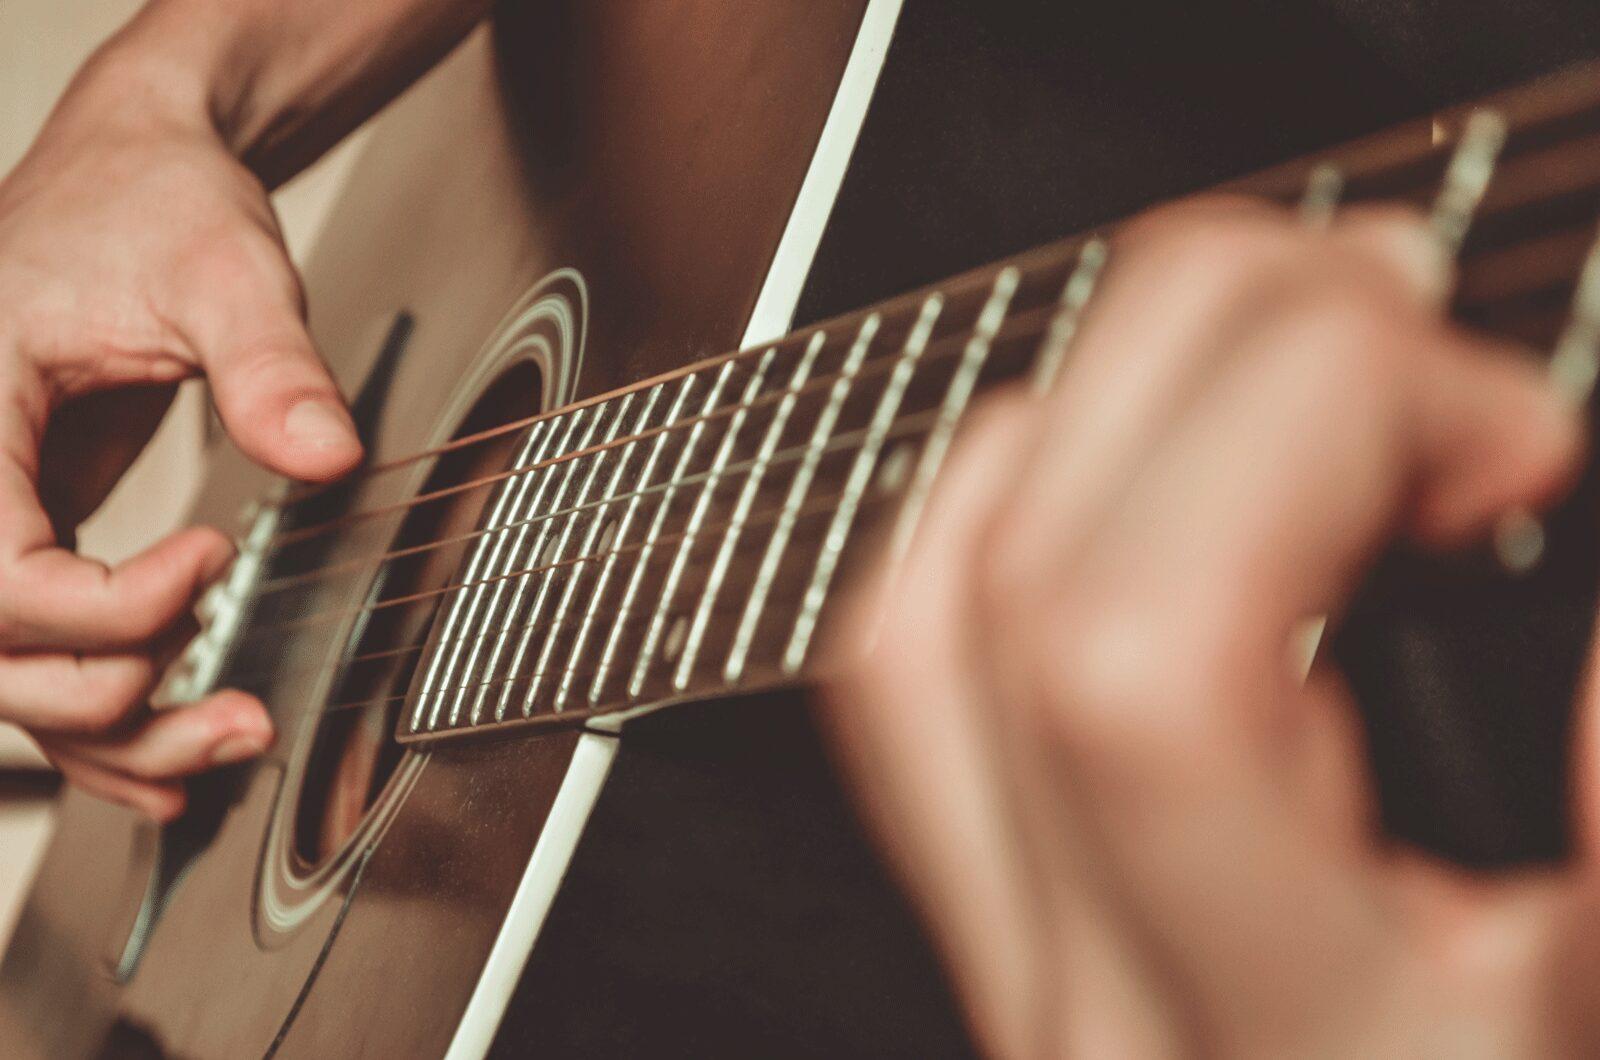 Đàn guitar cho người mới học nên mua hãng nào ?